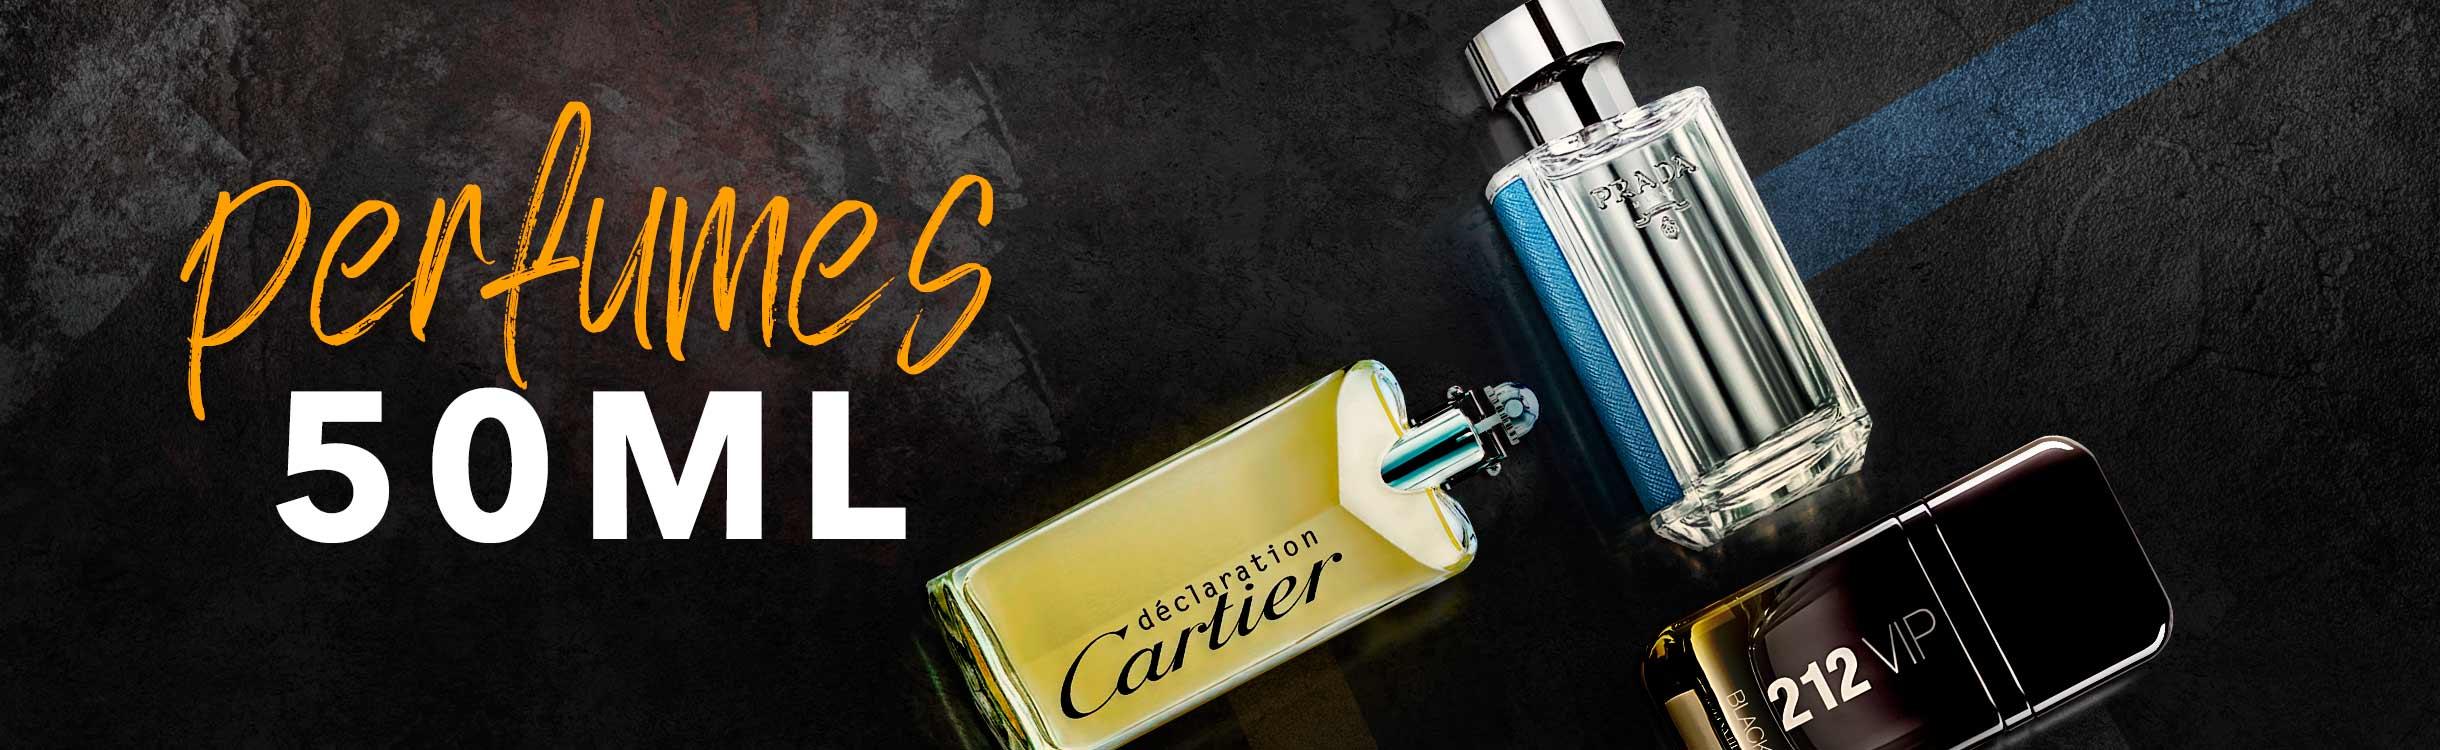 Perfumes masculinos a partir de 50ml